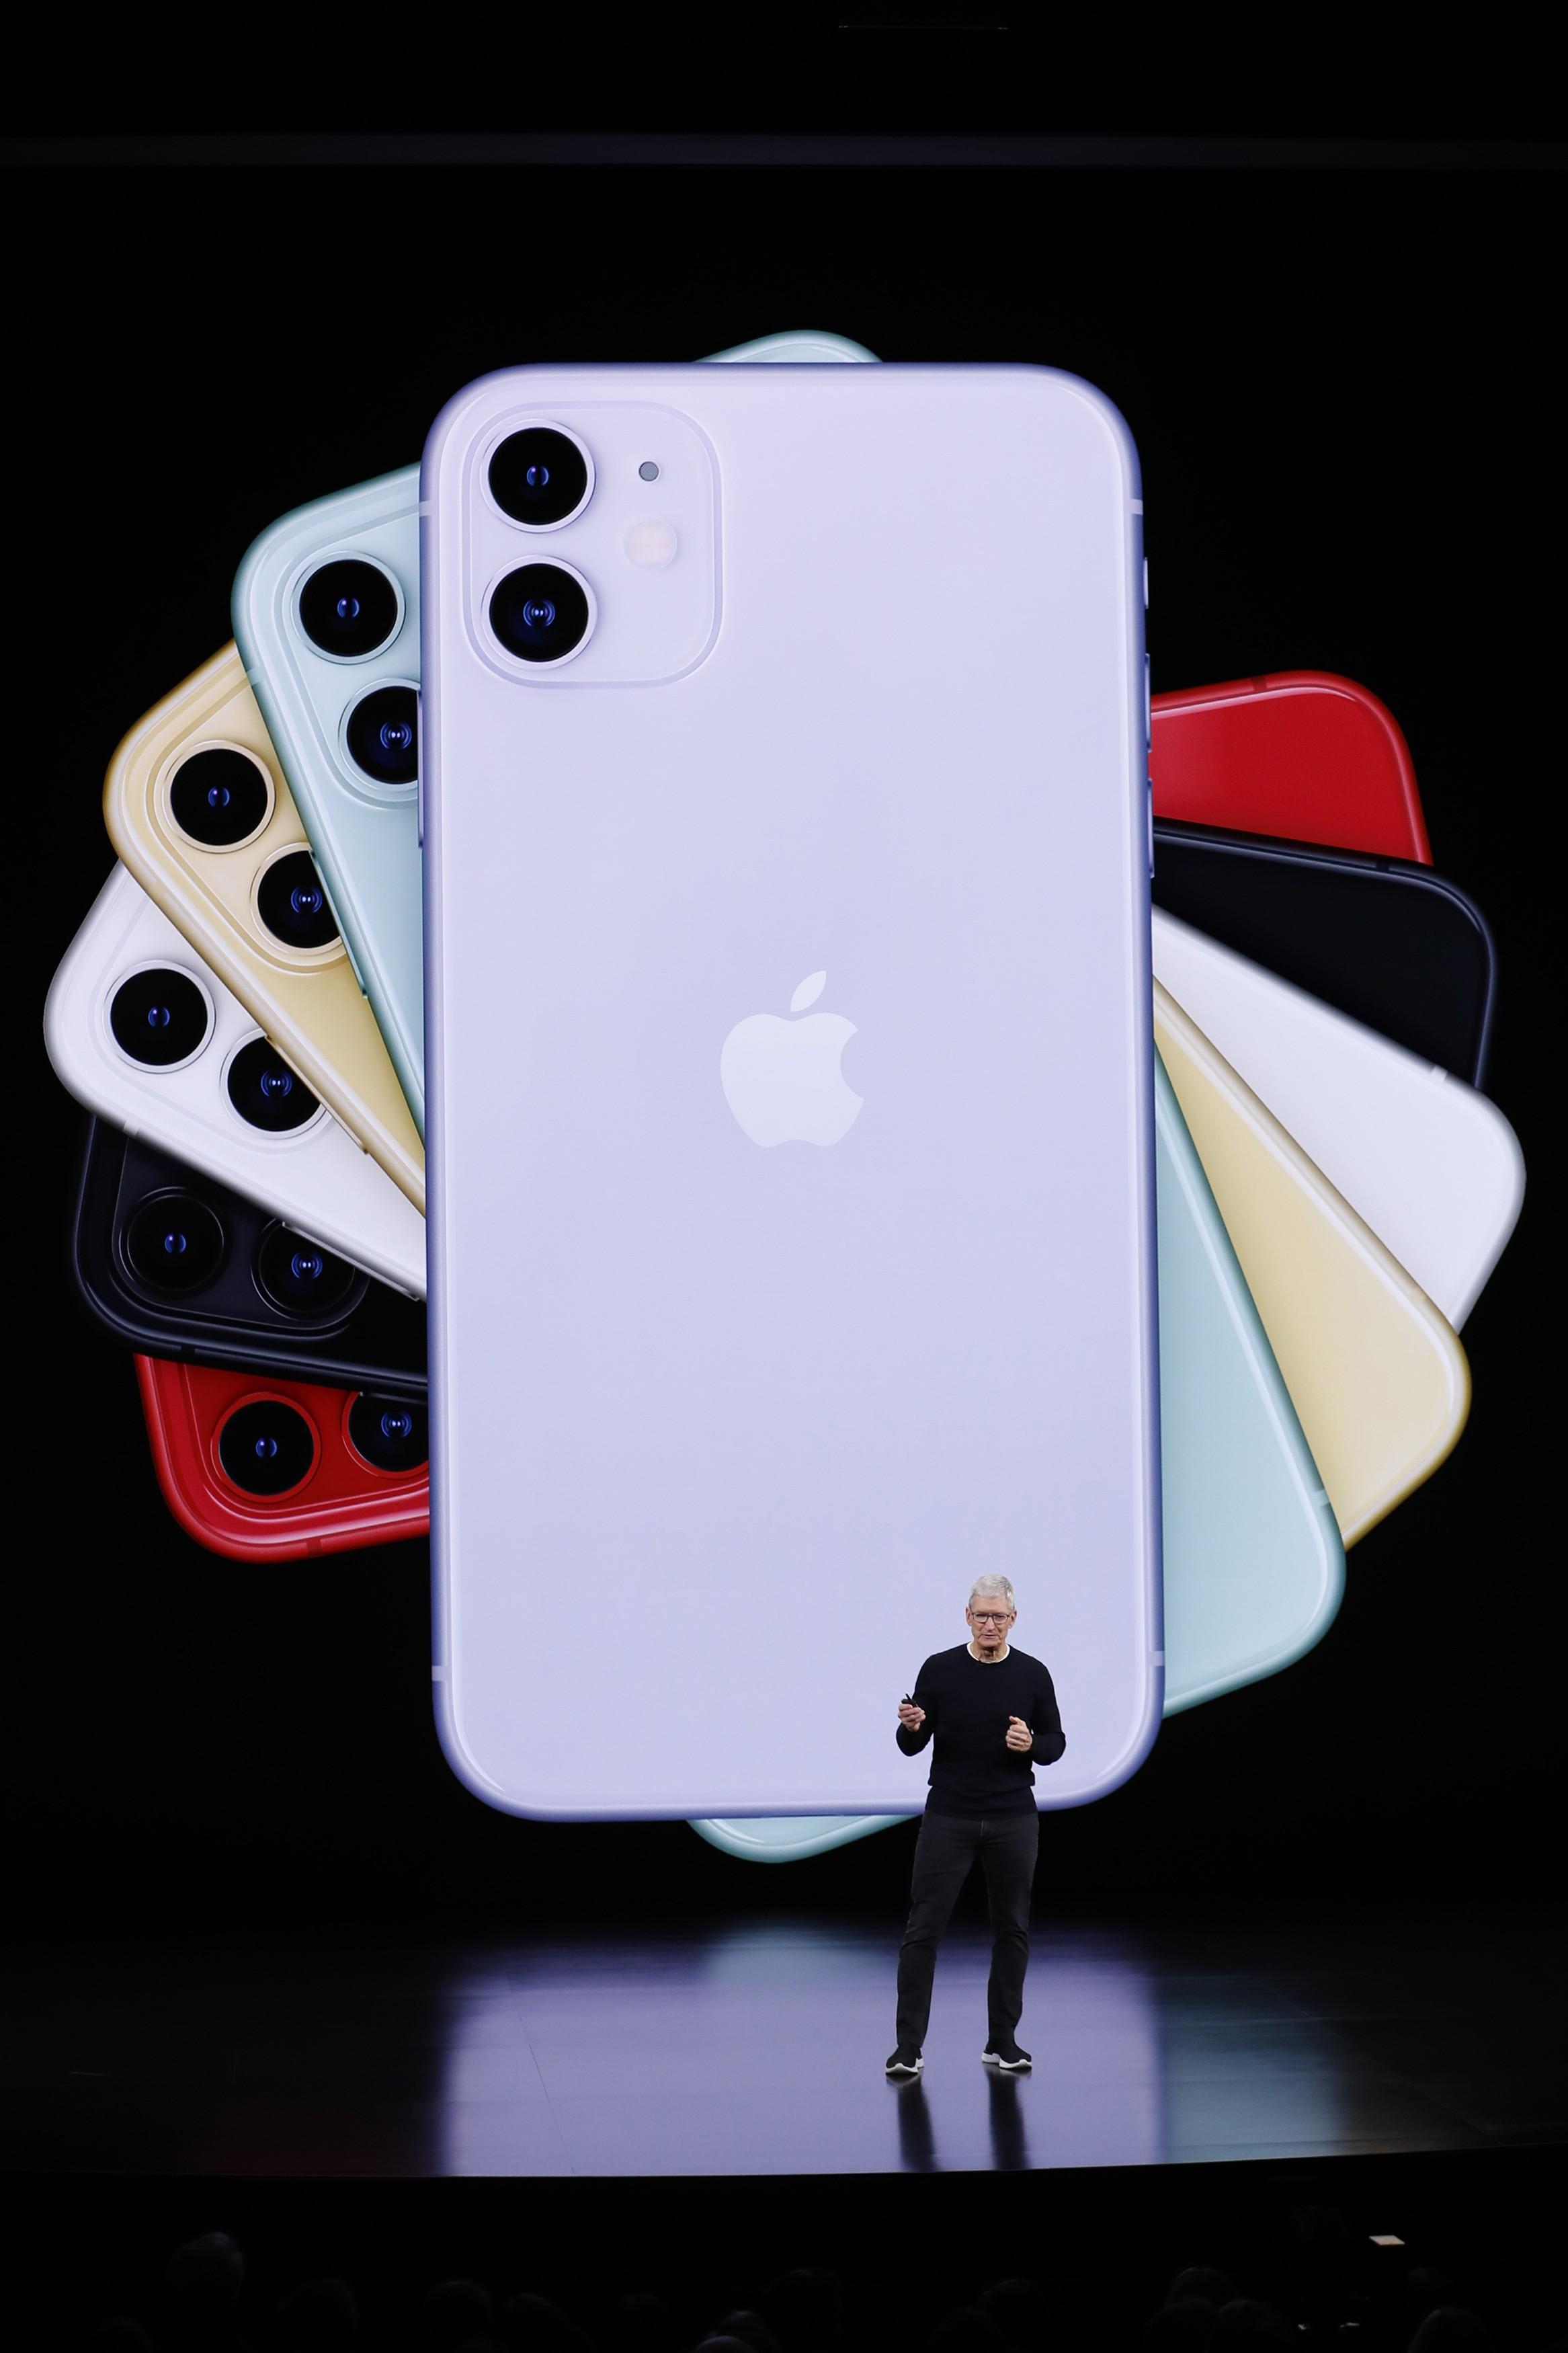 Apple diz que pagamento bilionário à UE 'desafia a realidade e o bom senso' - Notícias - Plantão Diário